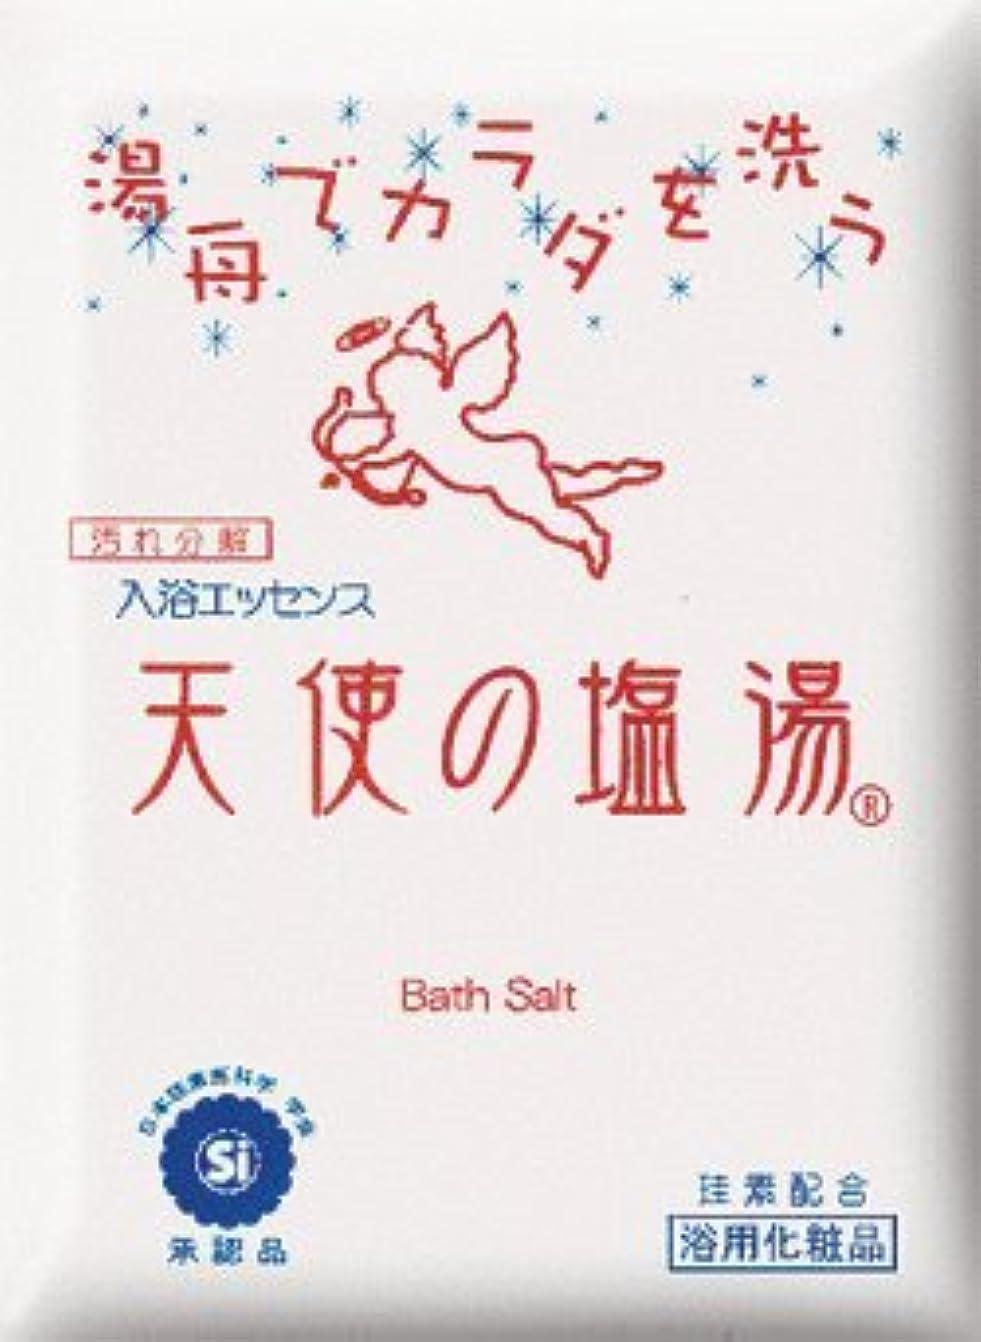 気質瀬戸際してはいけません天使の塩湯 (70g×20袋) ※浴槽でカラダを洗う!入浴エッセンス!